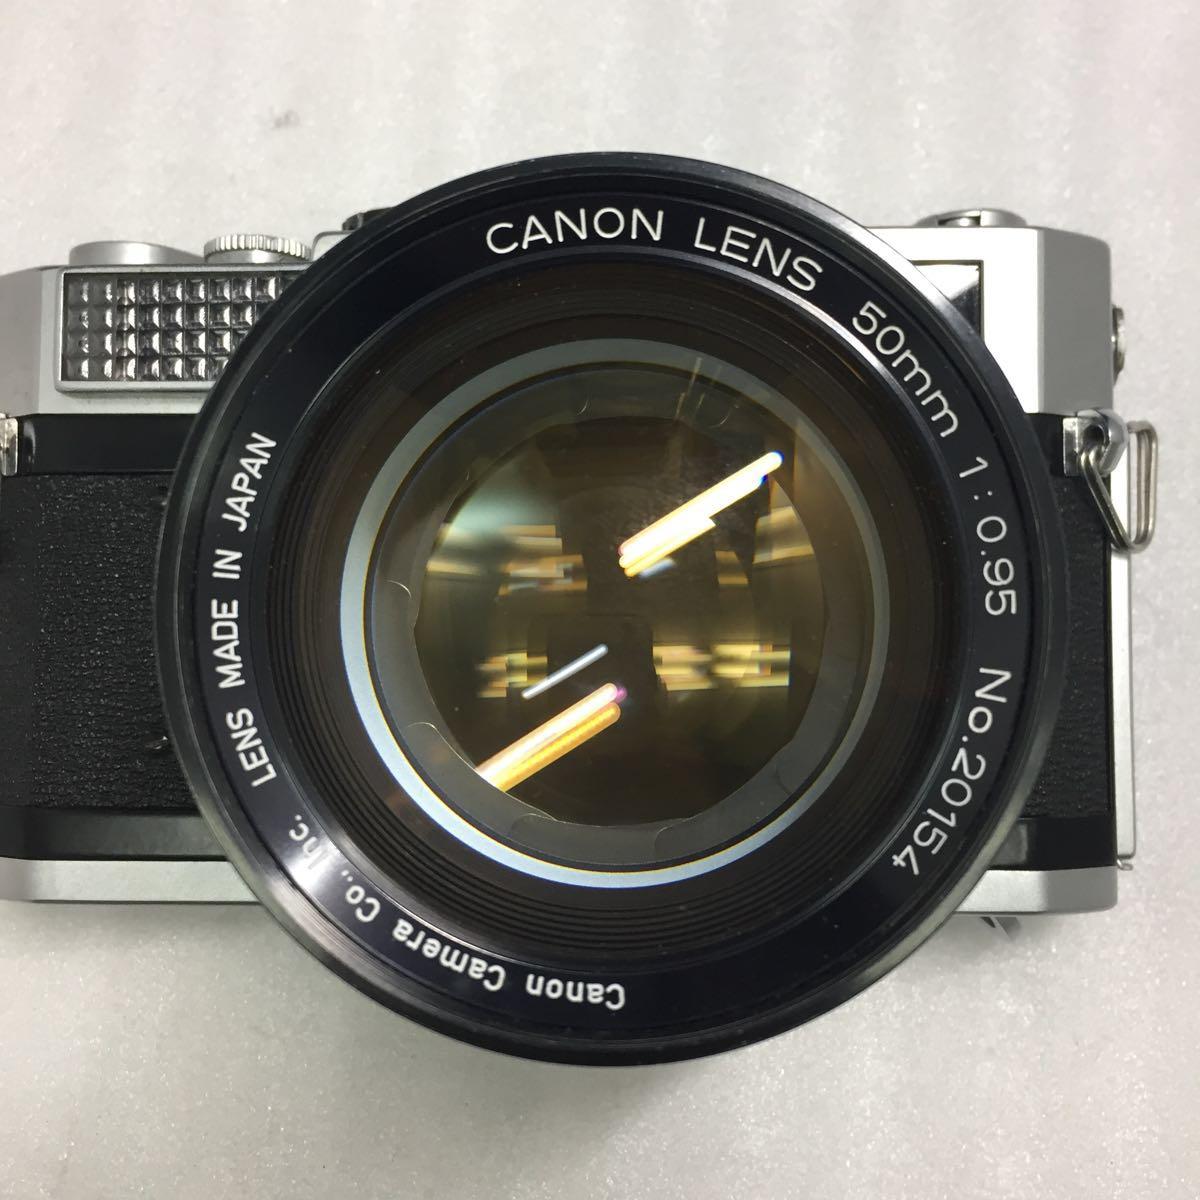 Canon レンジファインダーカメラ Canon 7 レンズ 50mm F0.95 btbt-t_画像4